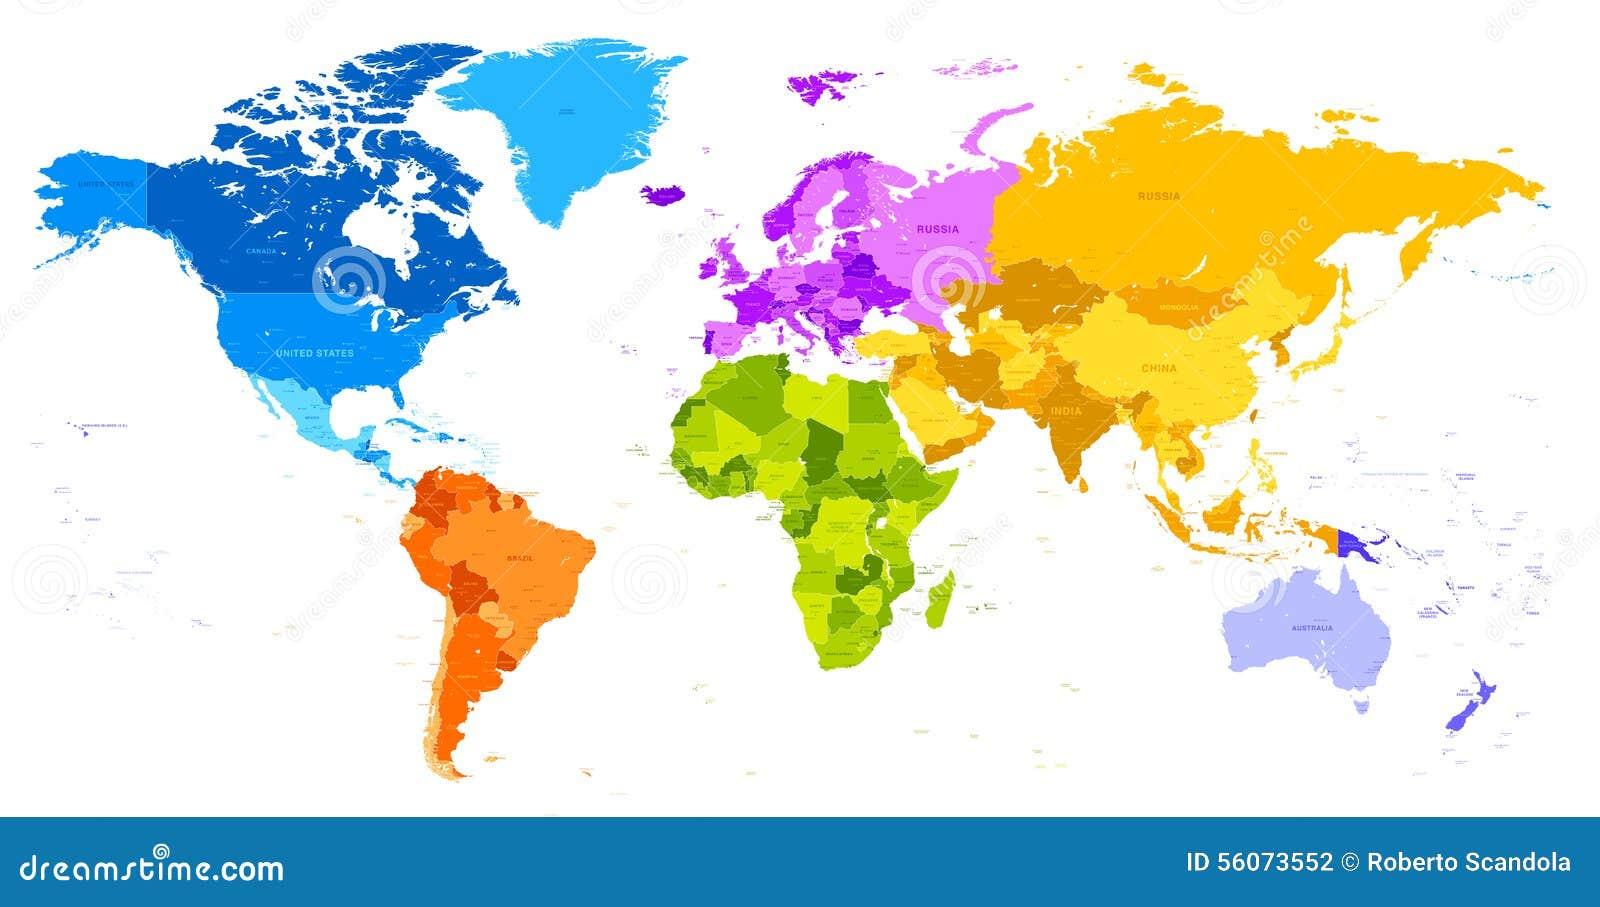 Δονούμενος παγκόσμιος χάρτης χρωμάτων